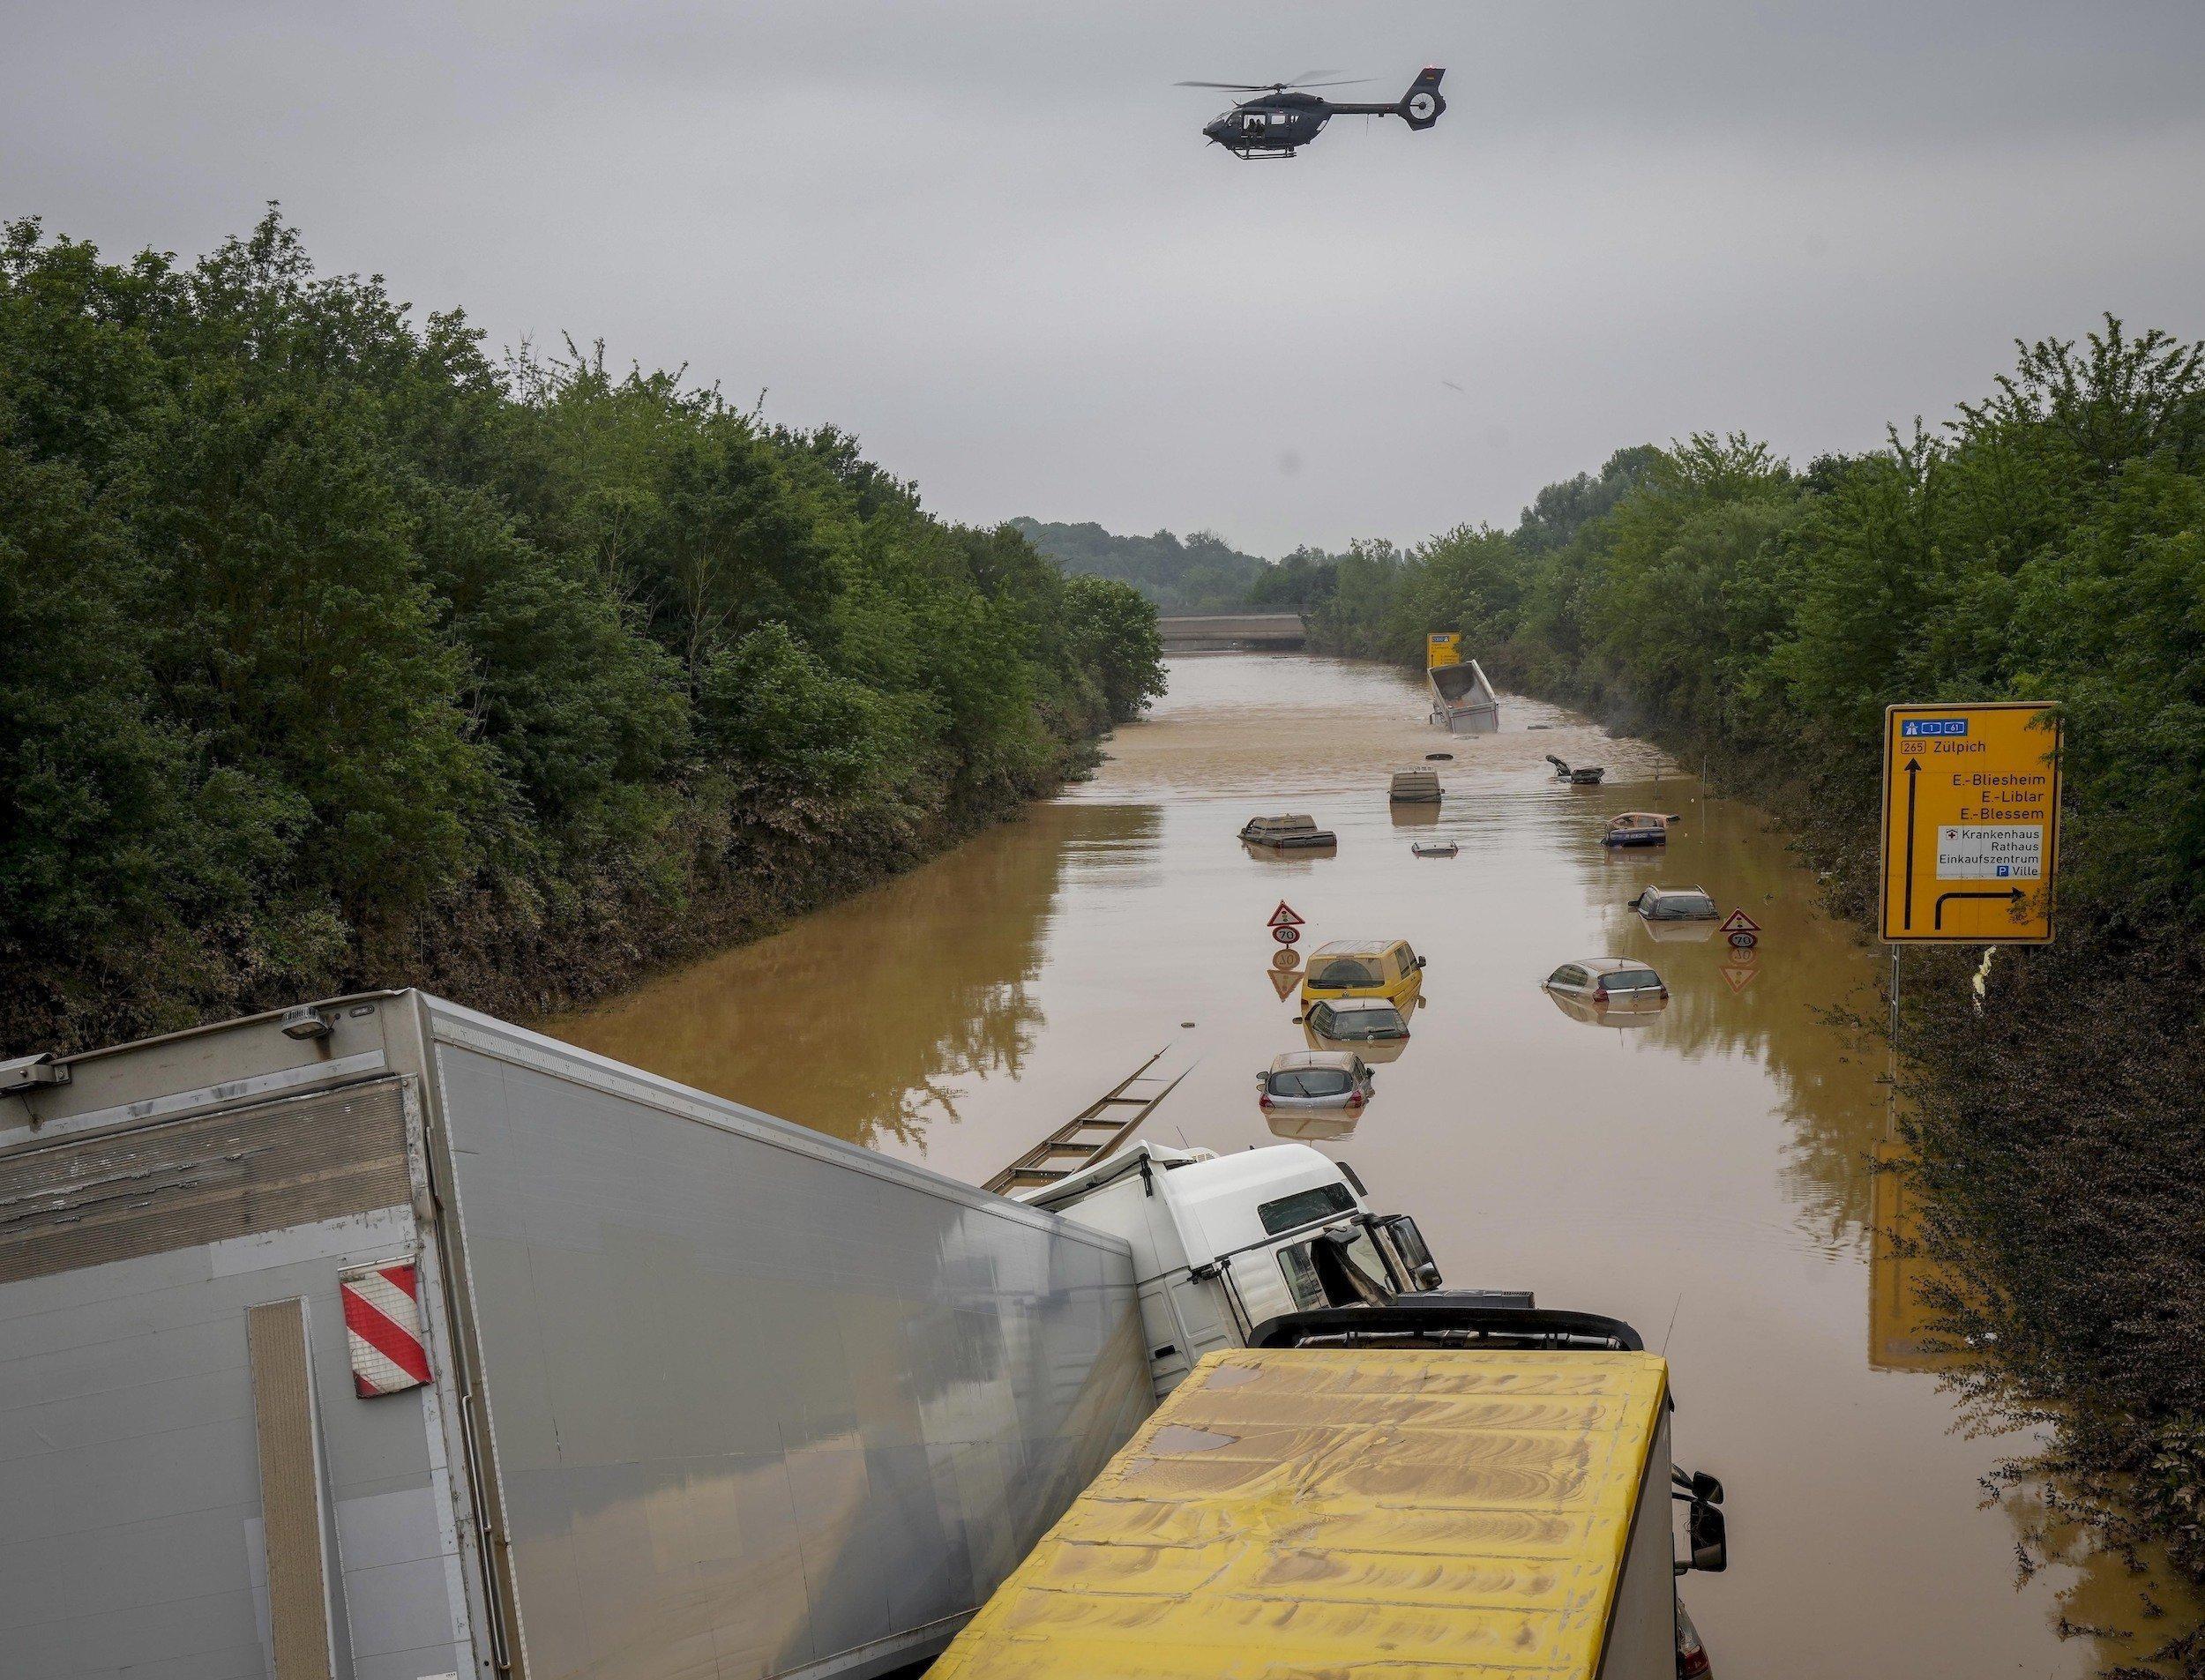 Die Bundesstraße ist komplett überschwemmt, leere Autos stehen im Wasser.